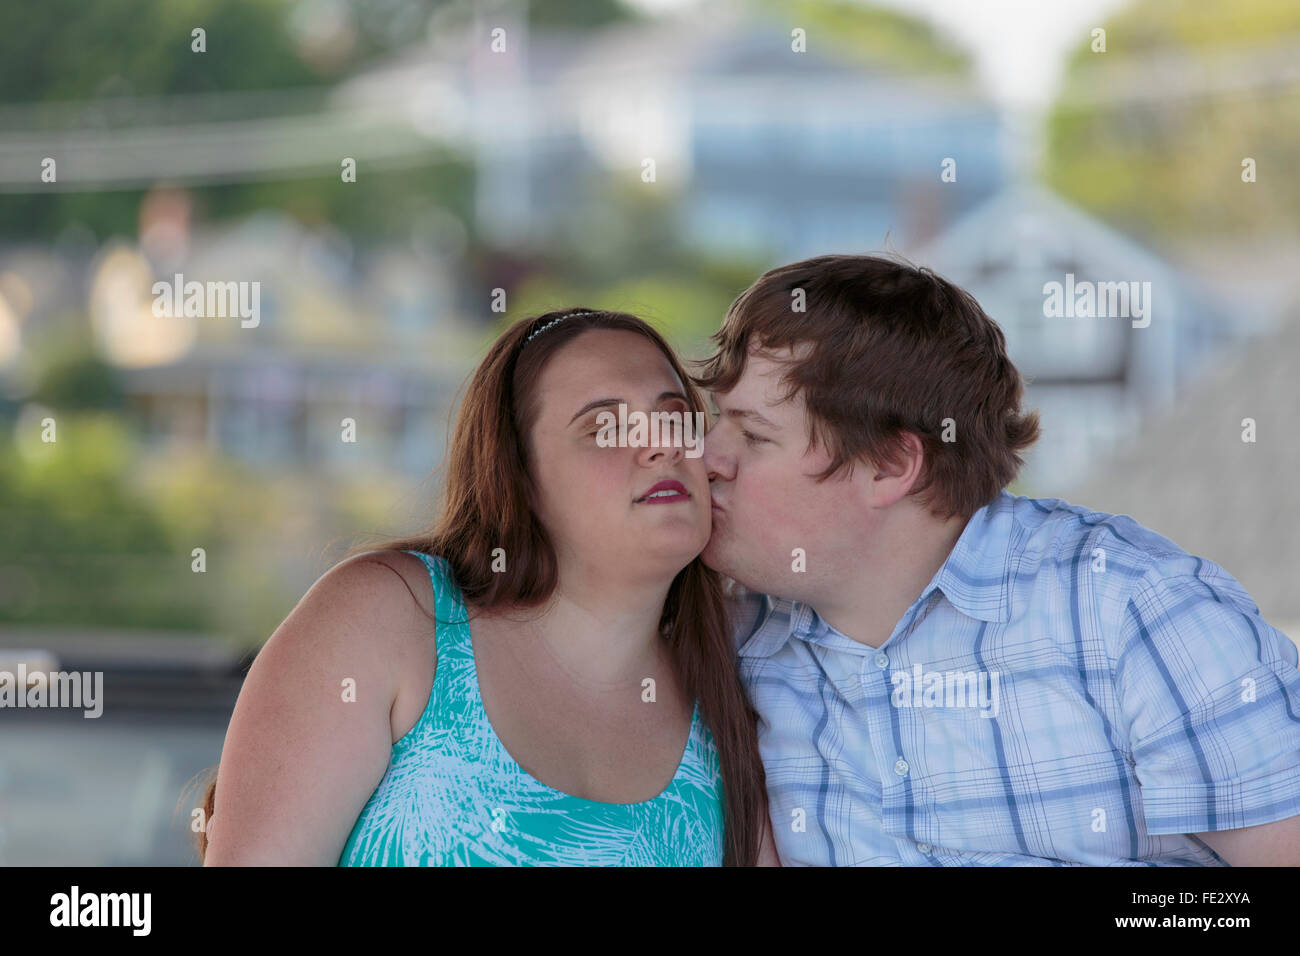 Cieco di baciare il suo fidanzato cieco Immagini Stock